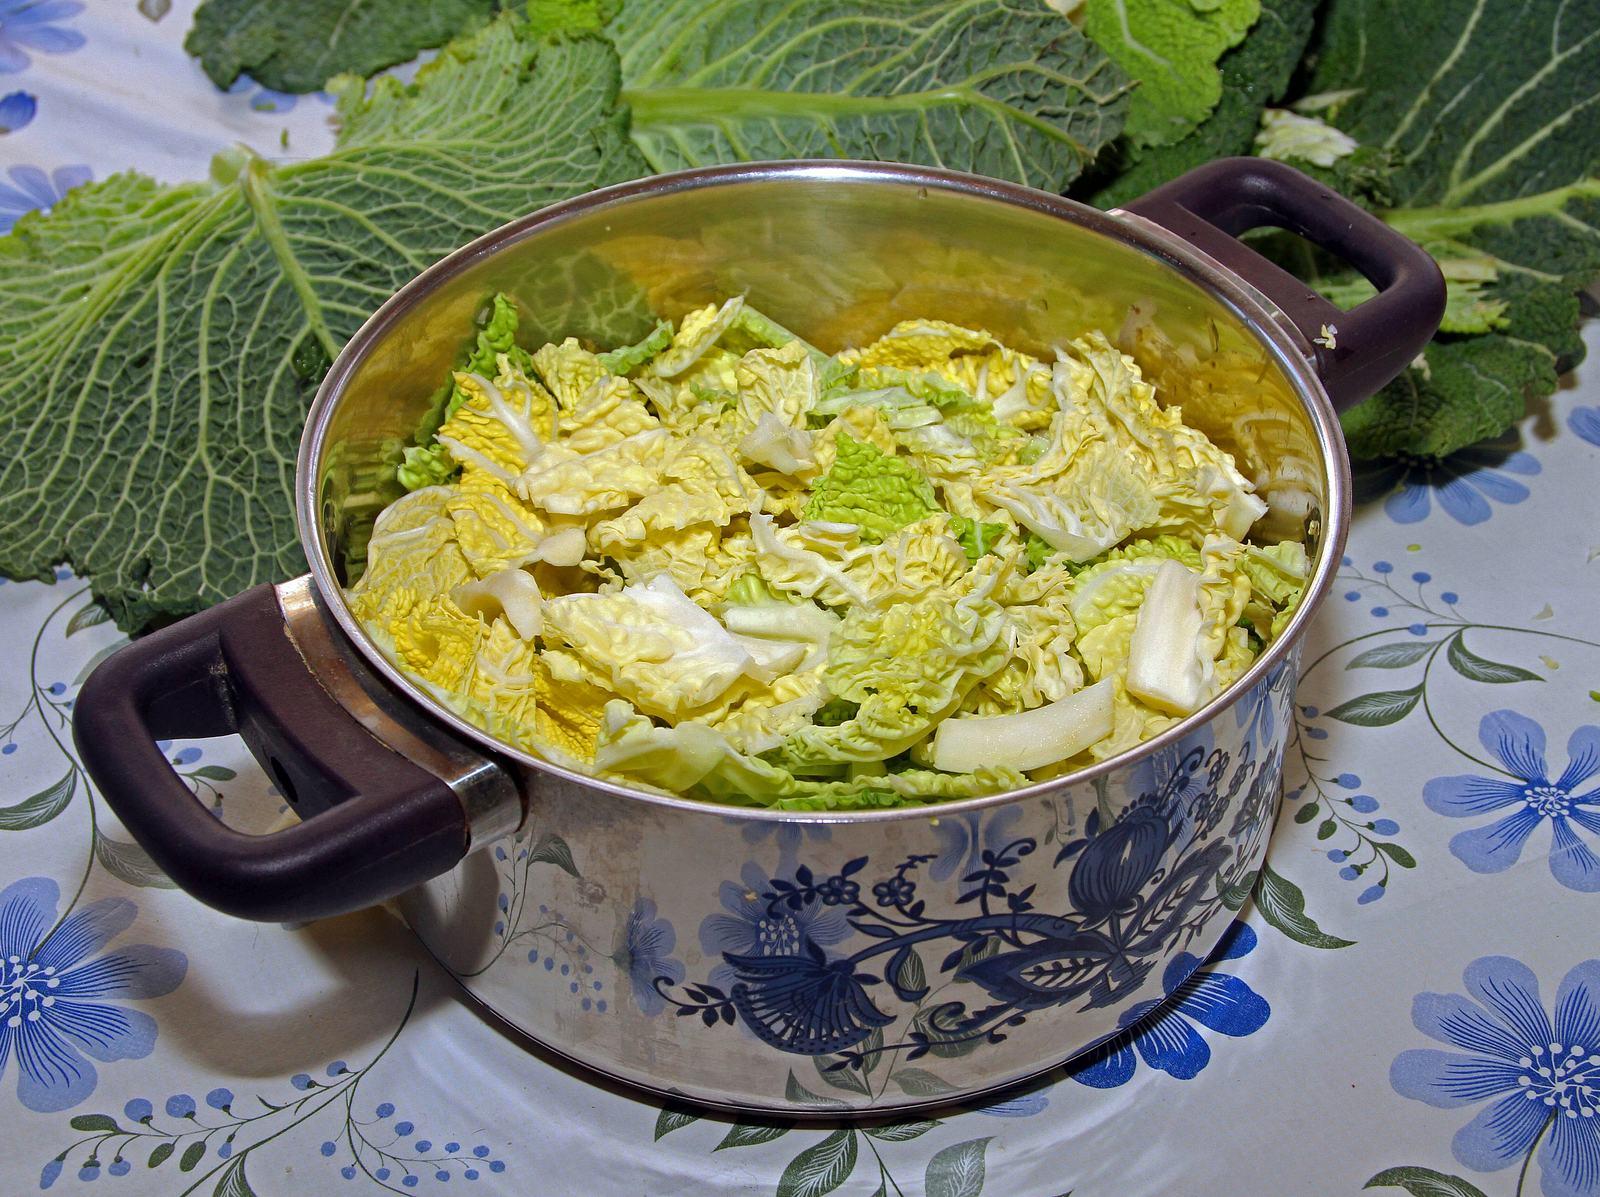 Wirsing kochen: So zubereitet schmeckt er wie bei Oma